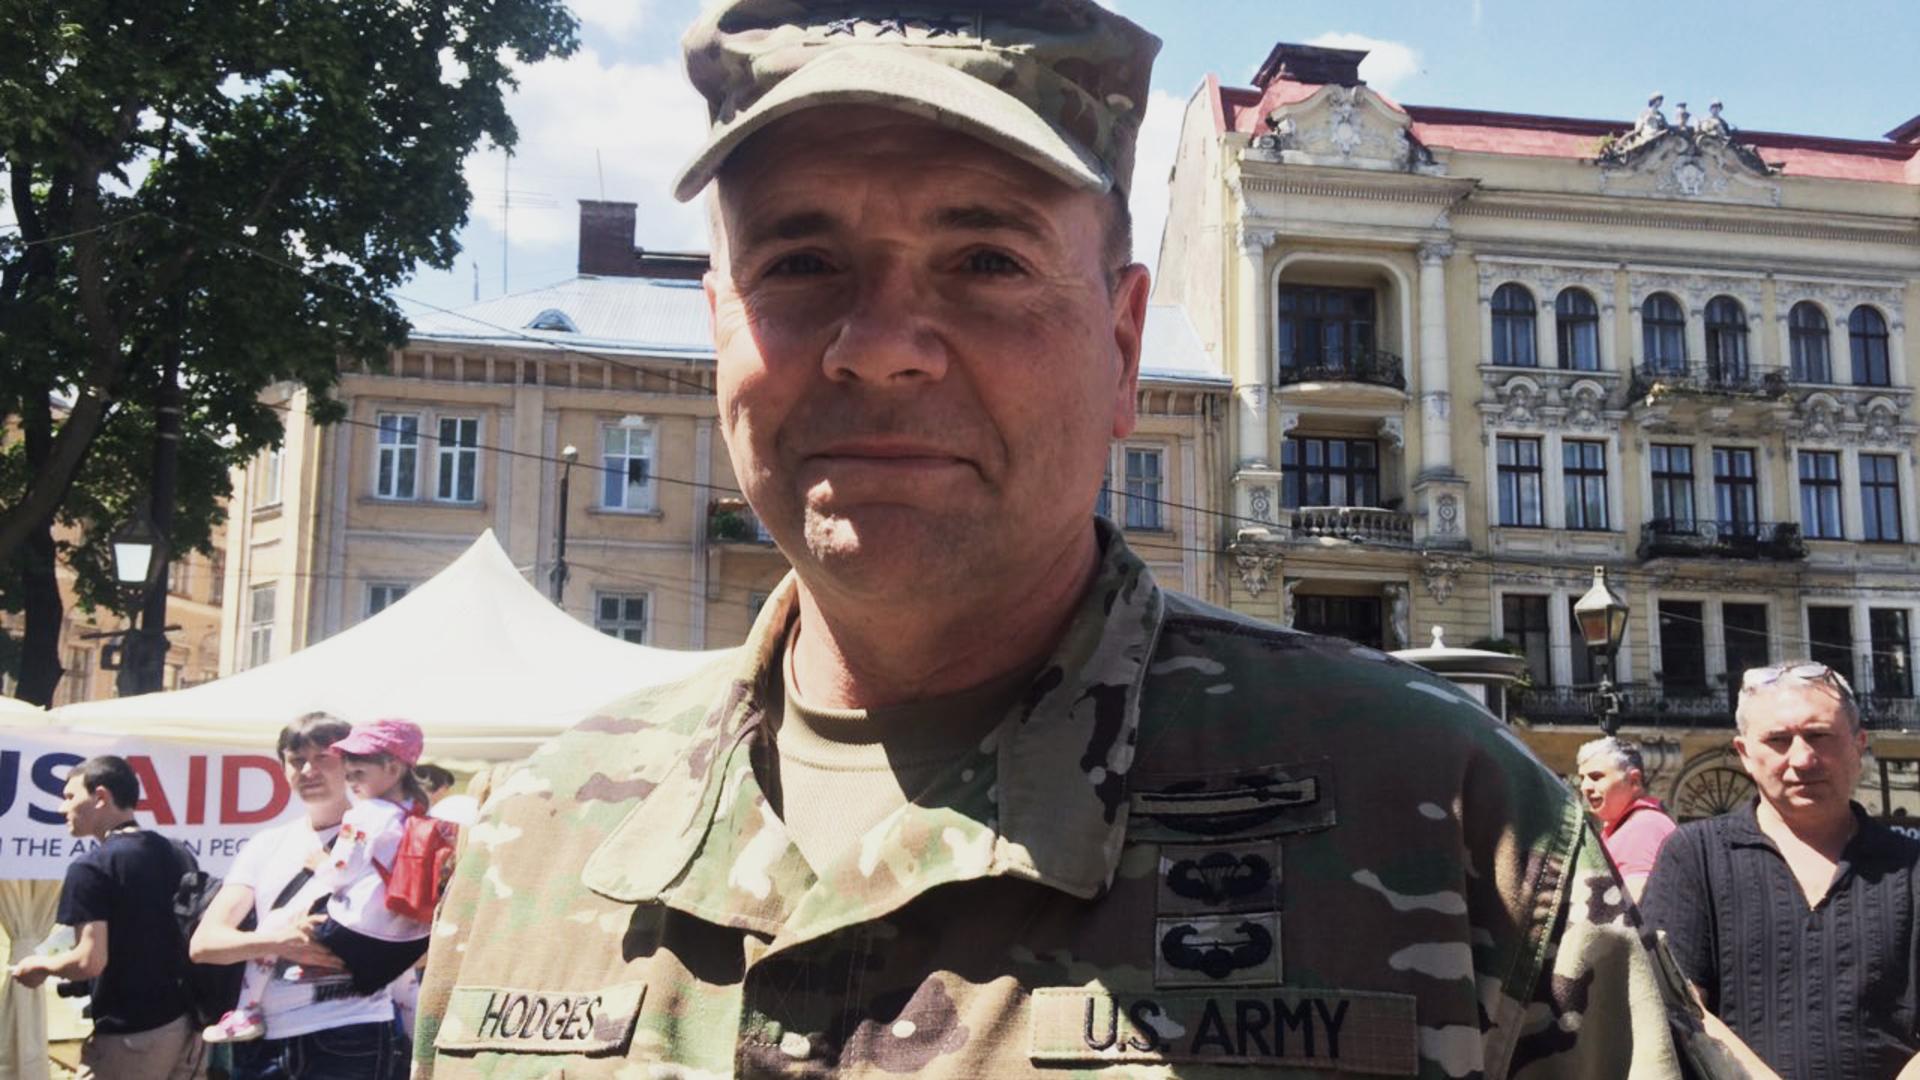 США разместят в Европе танковую бригаду в начале 2017 года